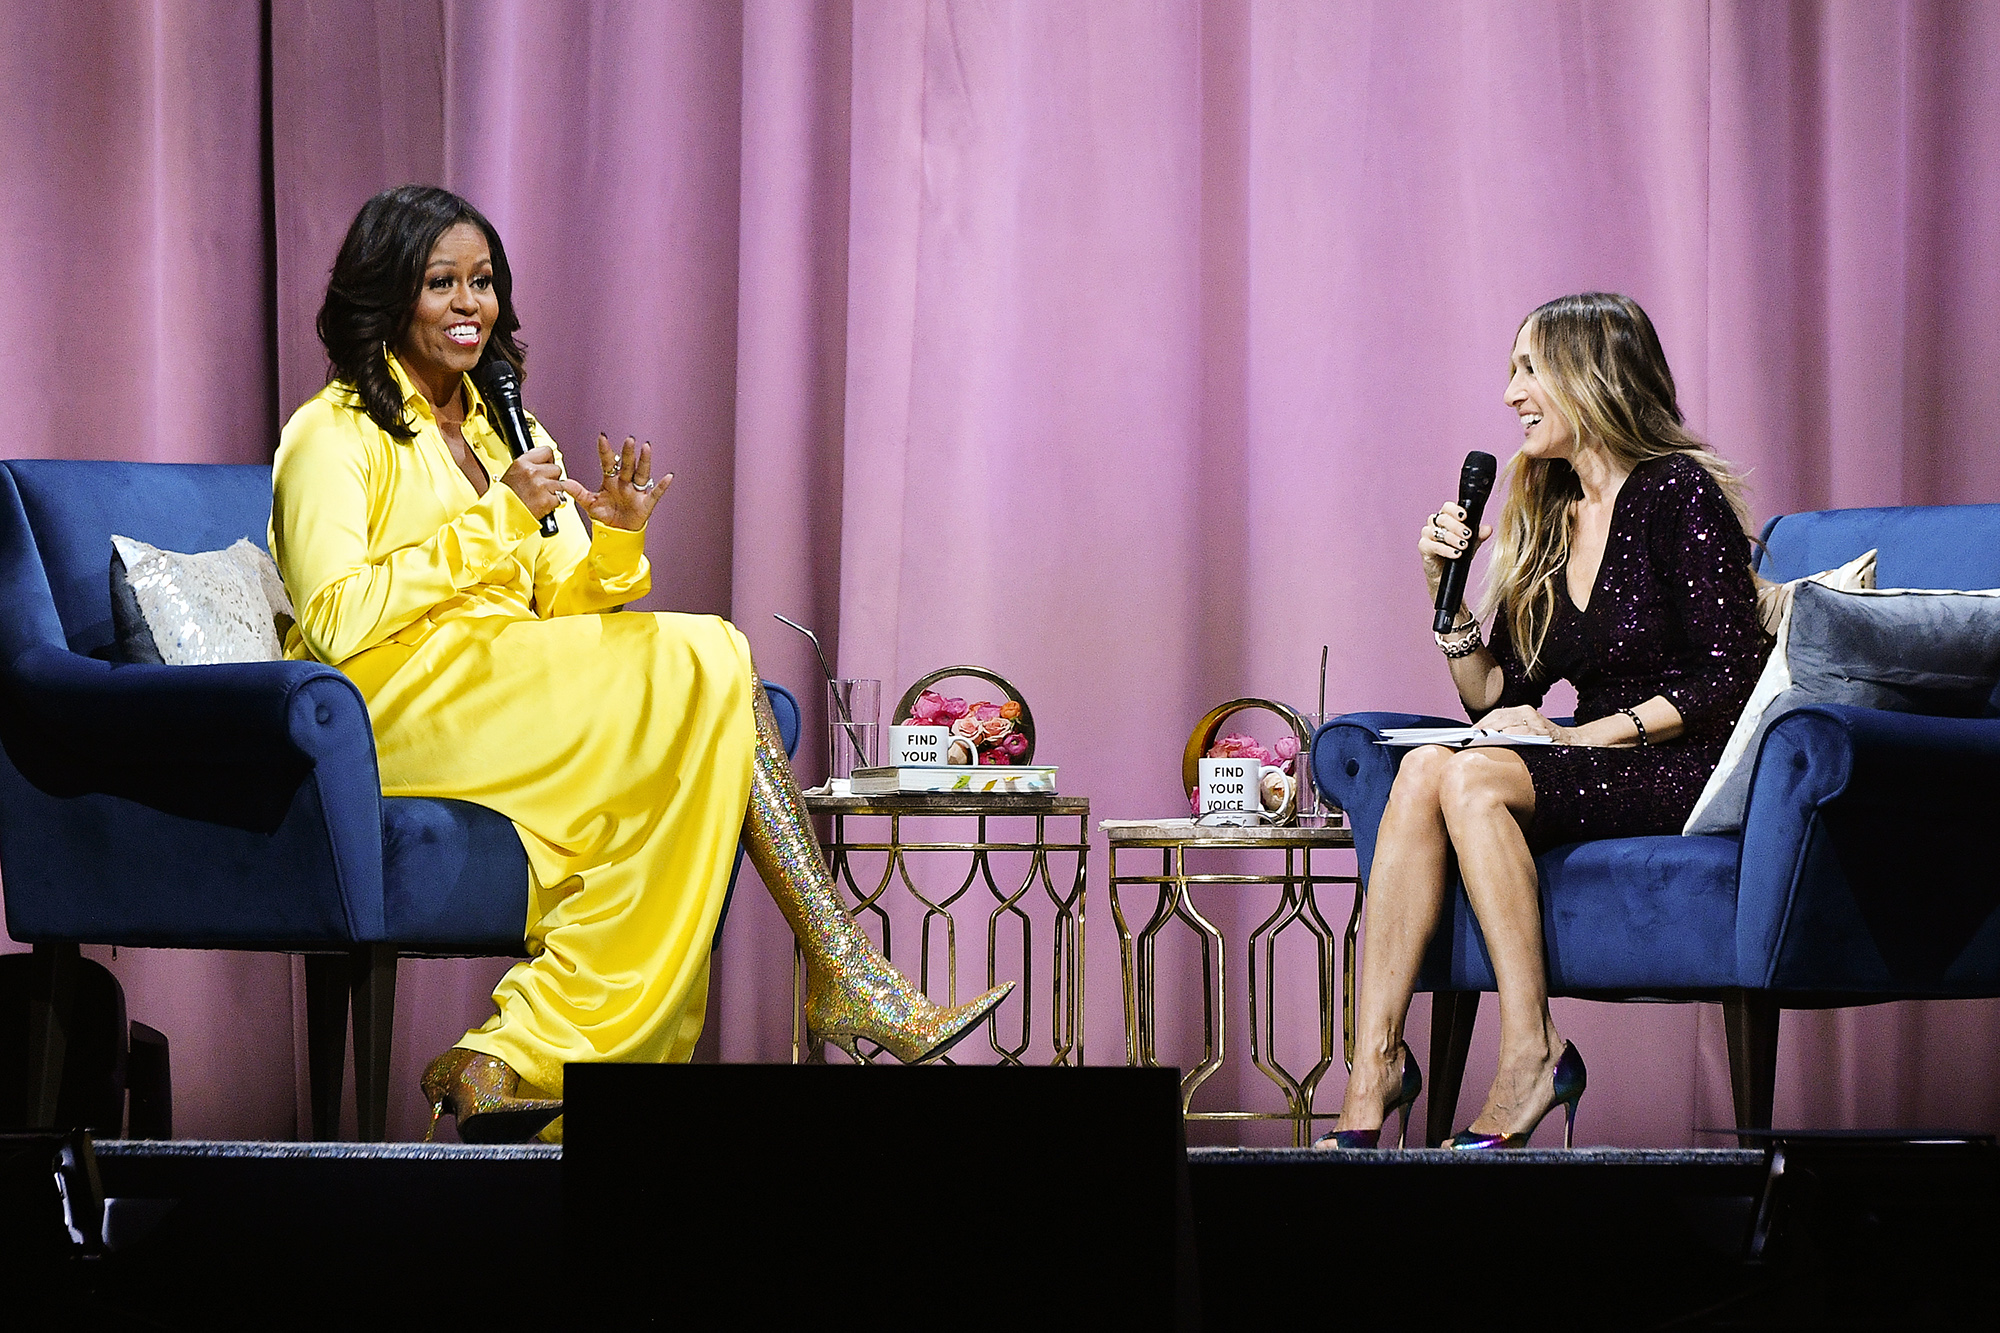 Мишель Обама вблестящих ботфортах Balenciaga дает интервью актрисе Саре Джессике Паркер врамках промо своих мемуаров